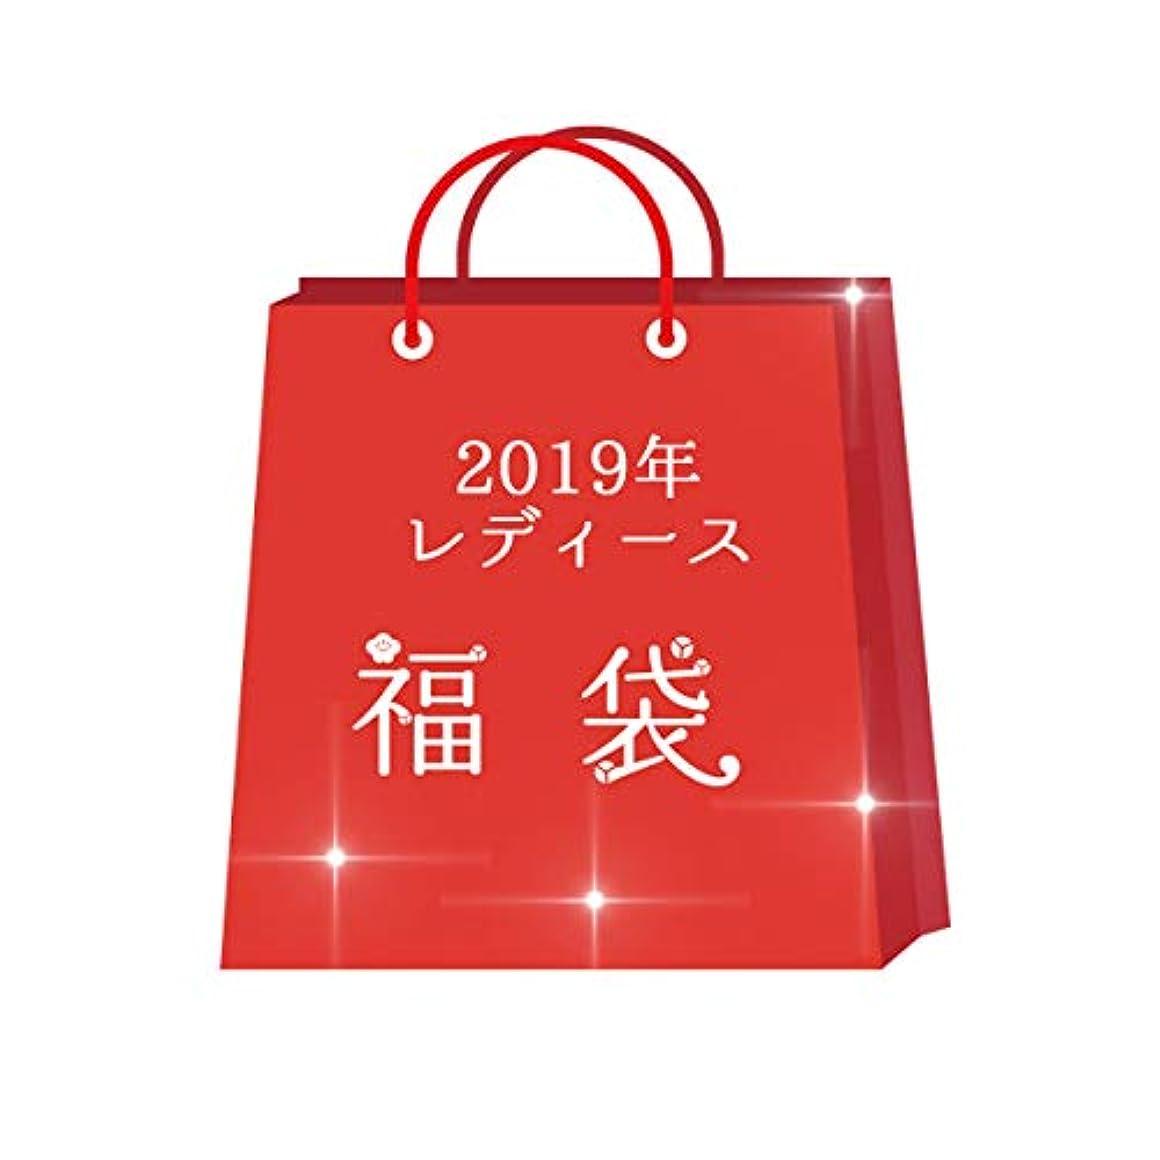 チップ最初にアサート2019年福袋 ◆ レディース 997円福袋! 香水